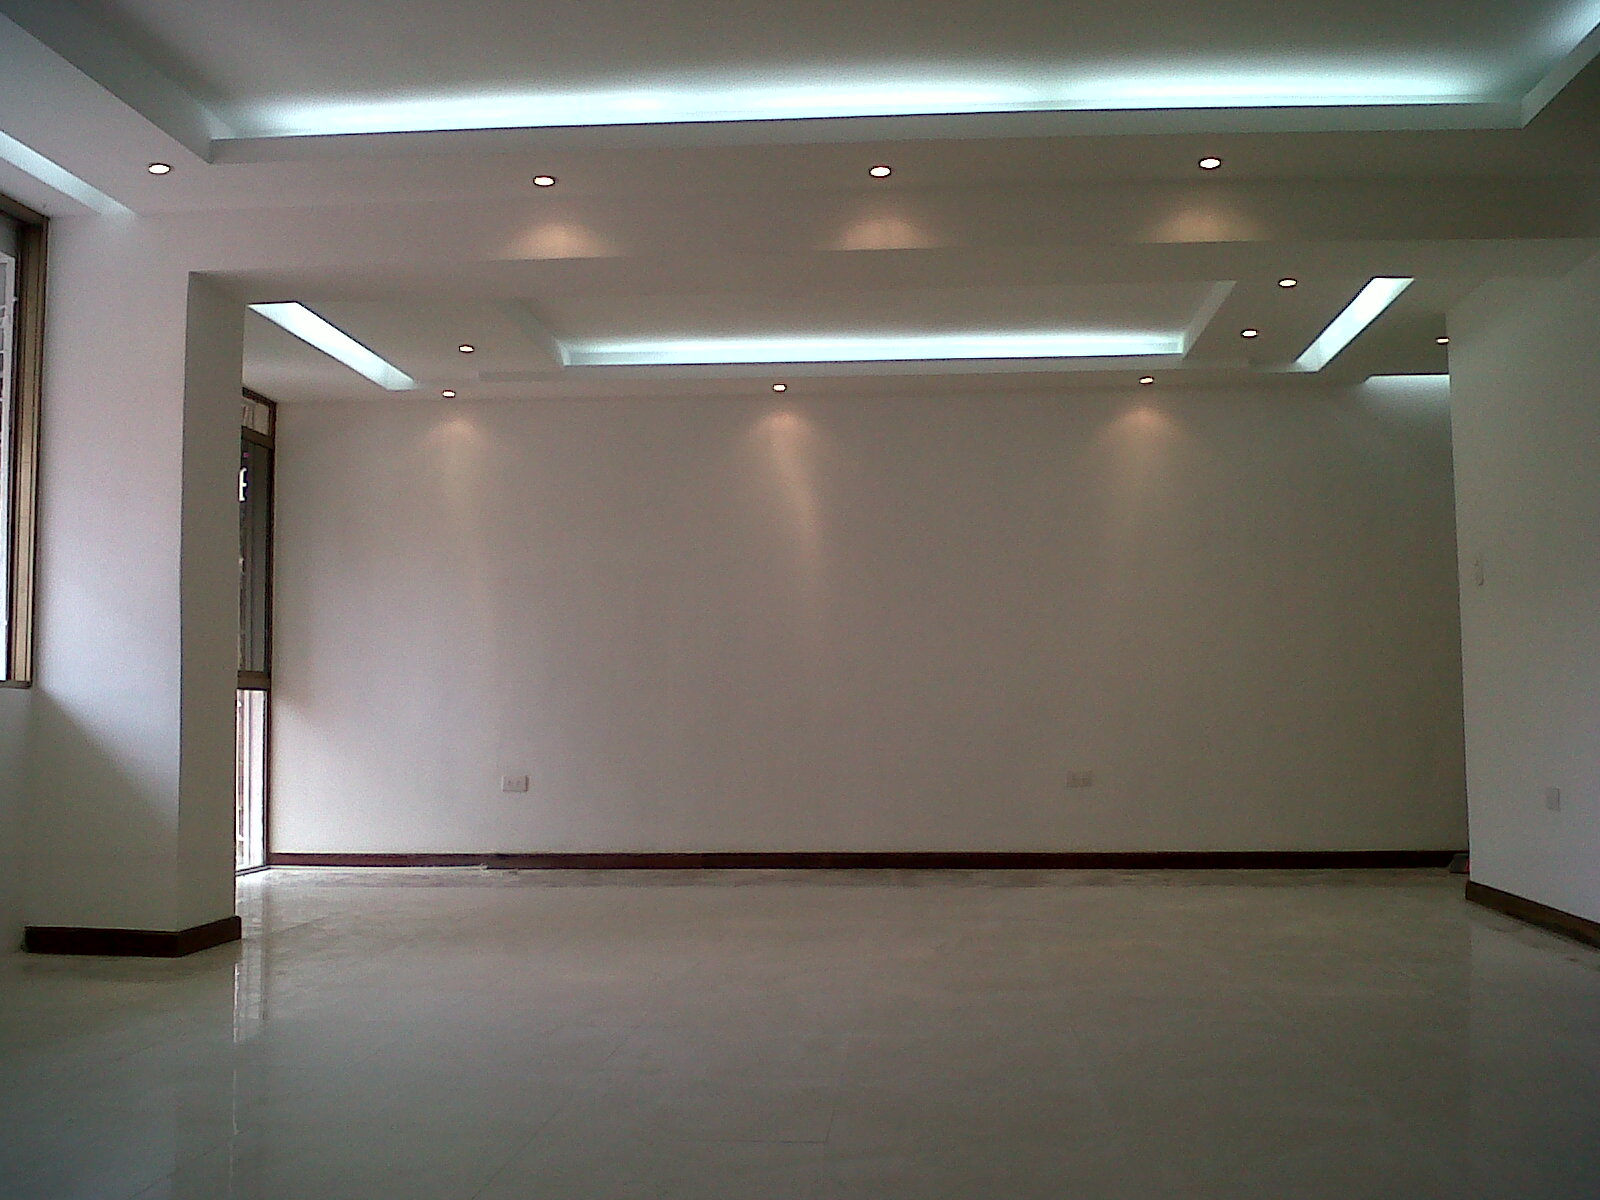 cocina iluminacion para cocinas techos renovando tu apartamento con el diseufo de techos e